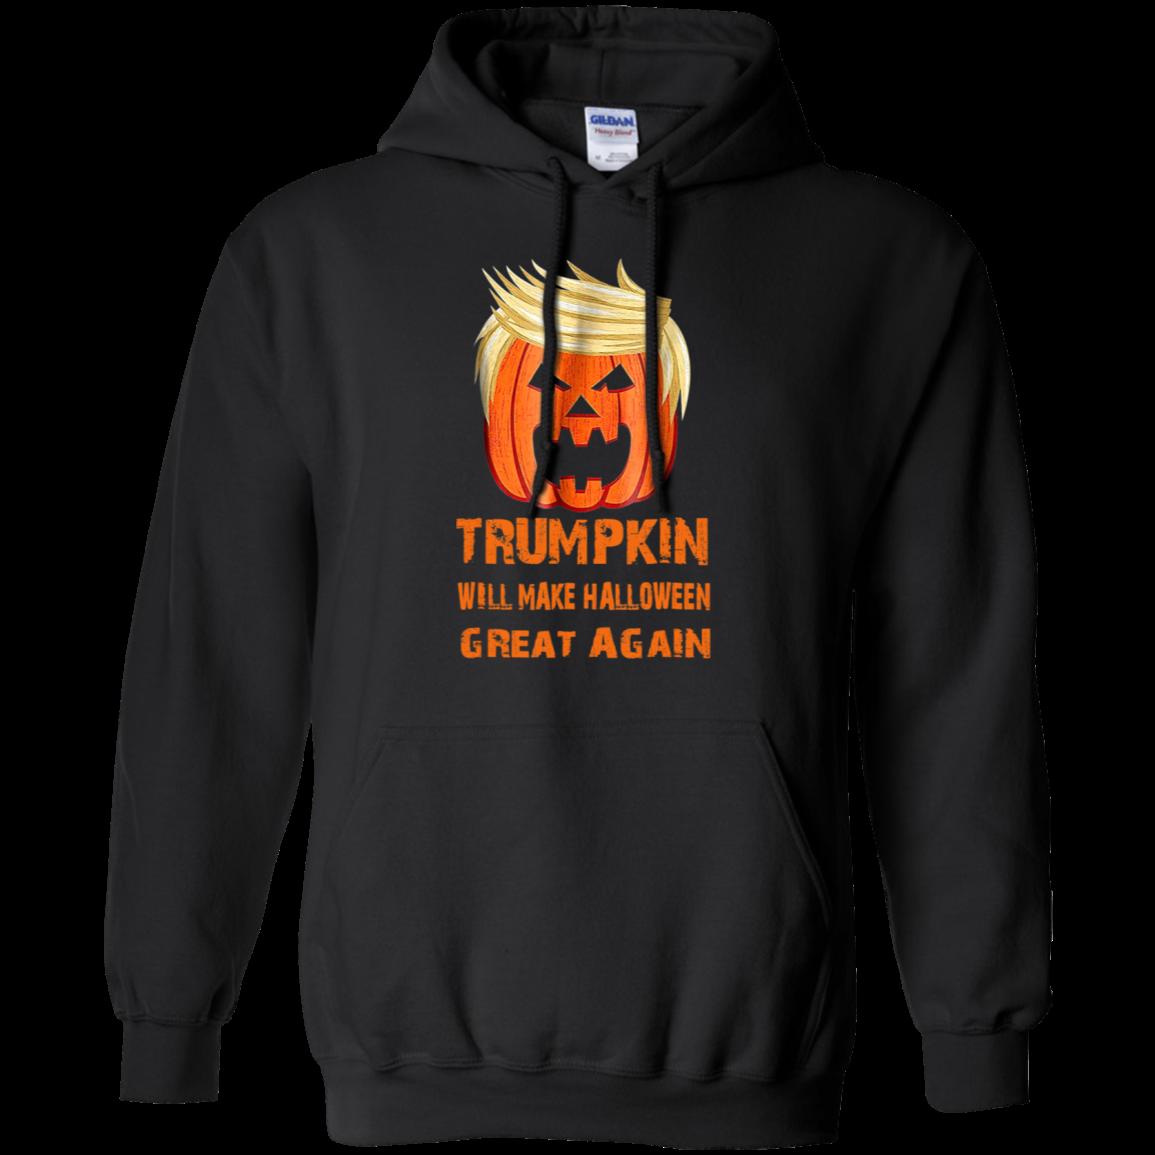 Trumpkin Make Halloween Great Again Shirts